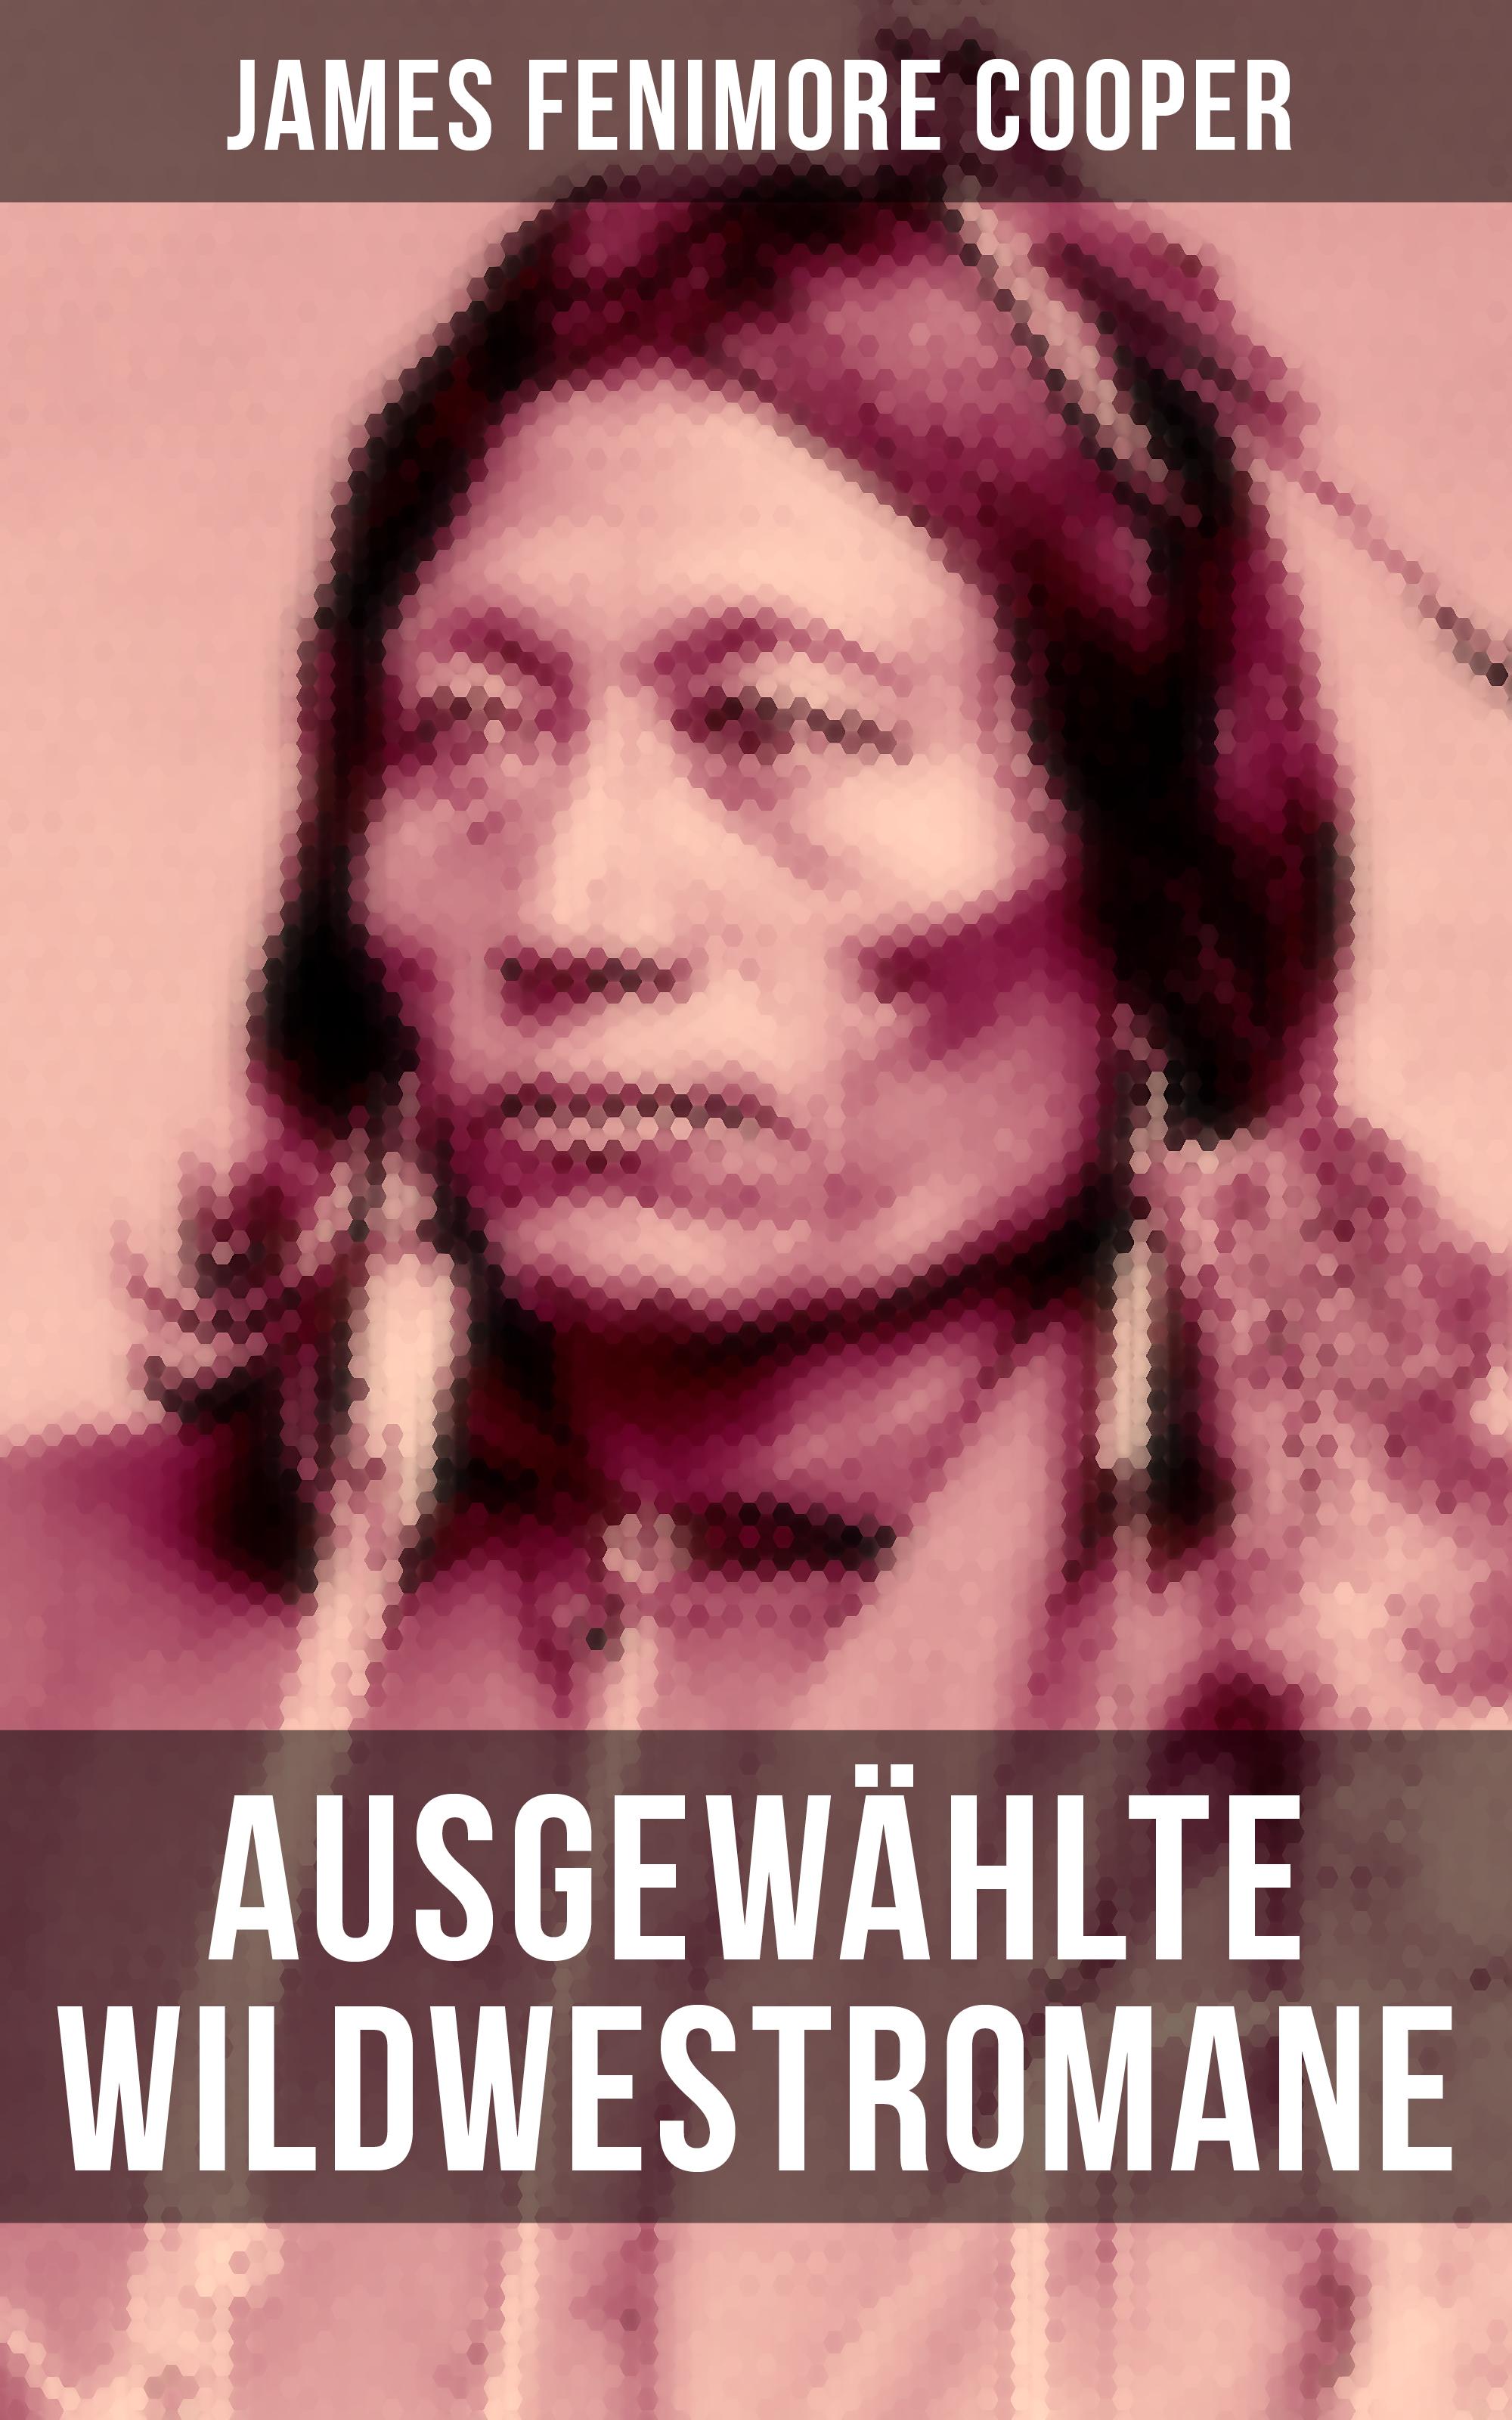 Джеймс Фенимор Купер Ausgewählte Wildwestromane von James Fenimore Cooper james fenimore cooper der pfadfinder western klassiker